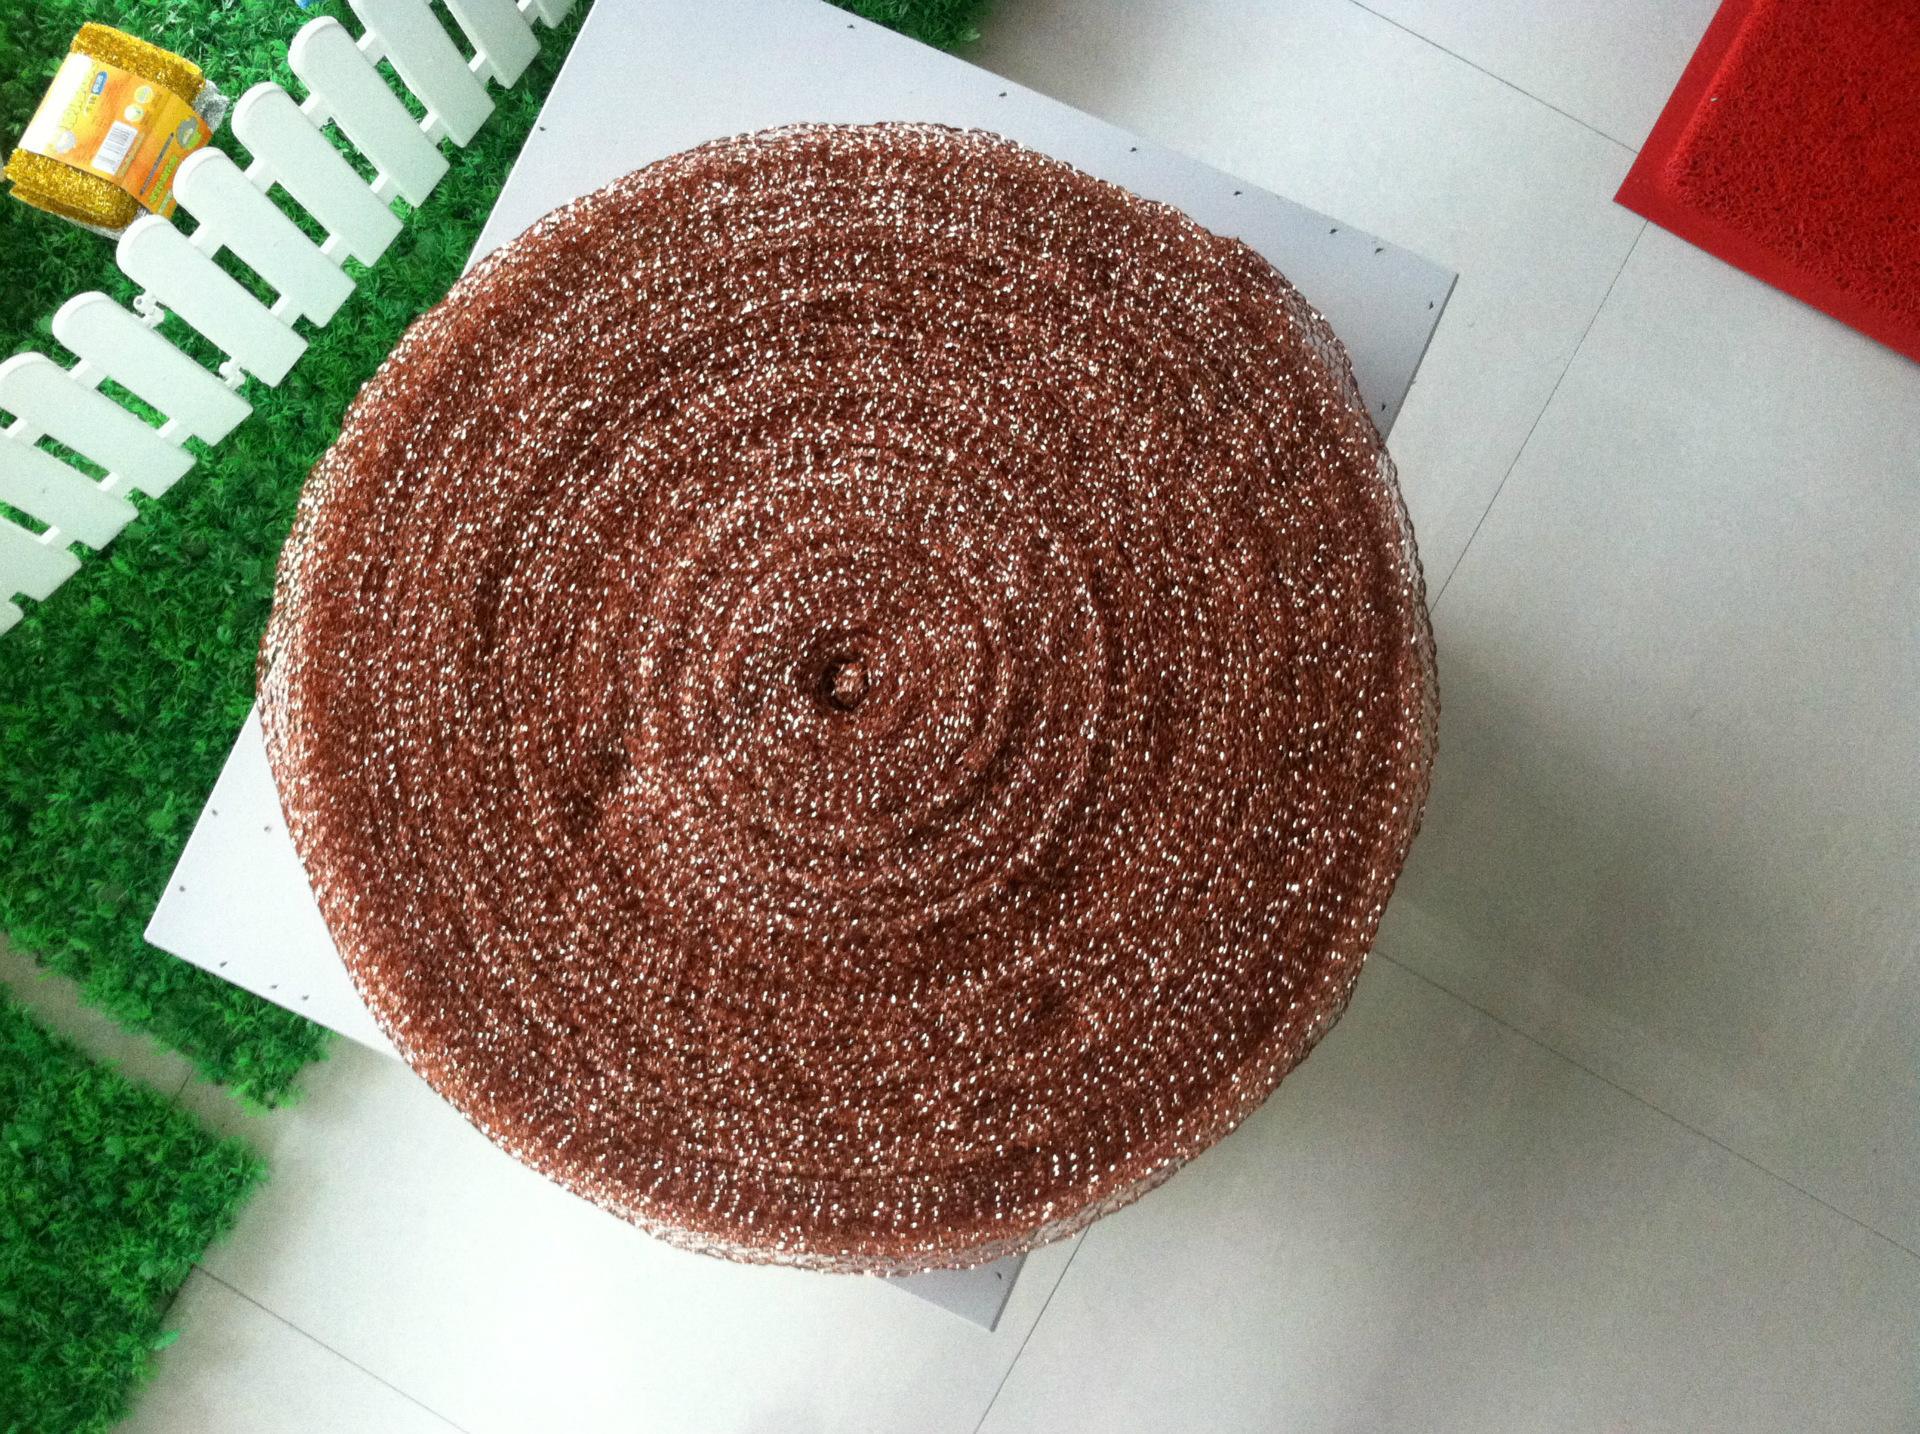 本纳米是把一整根镀铜铁丝清除成产品的新型清洁用品,主要用于编织球形抄网头图片